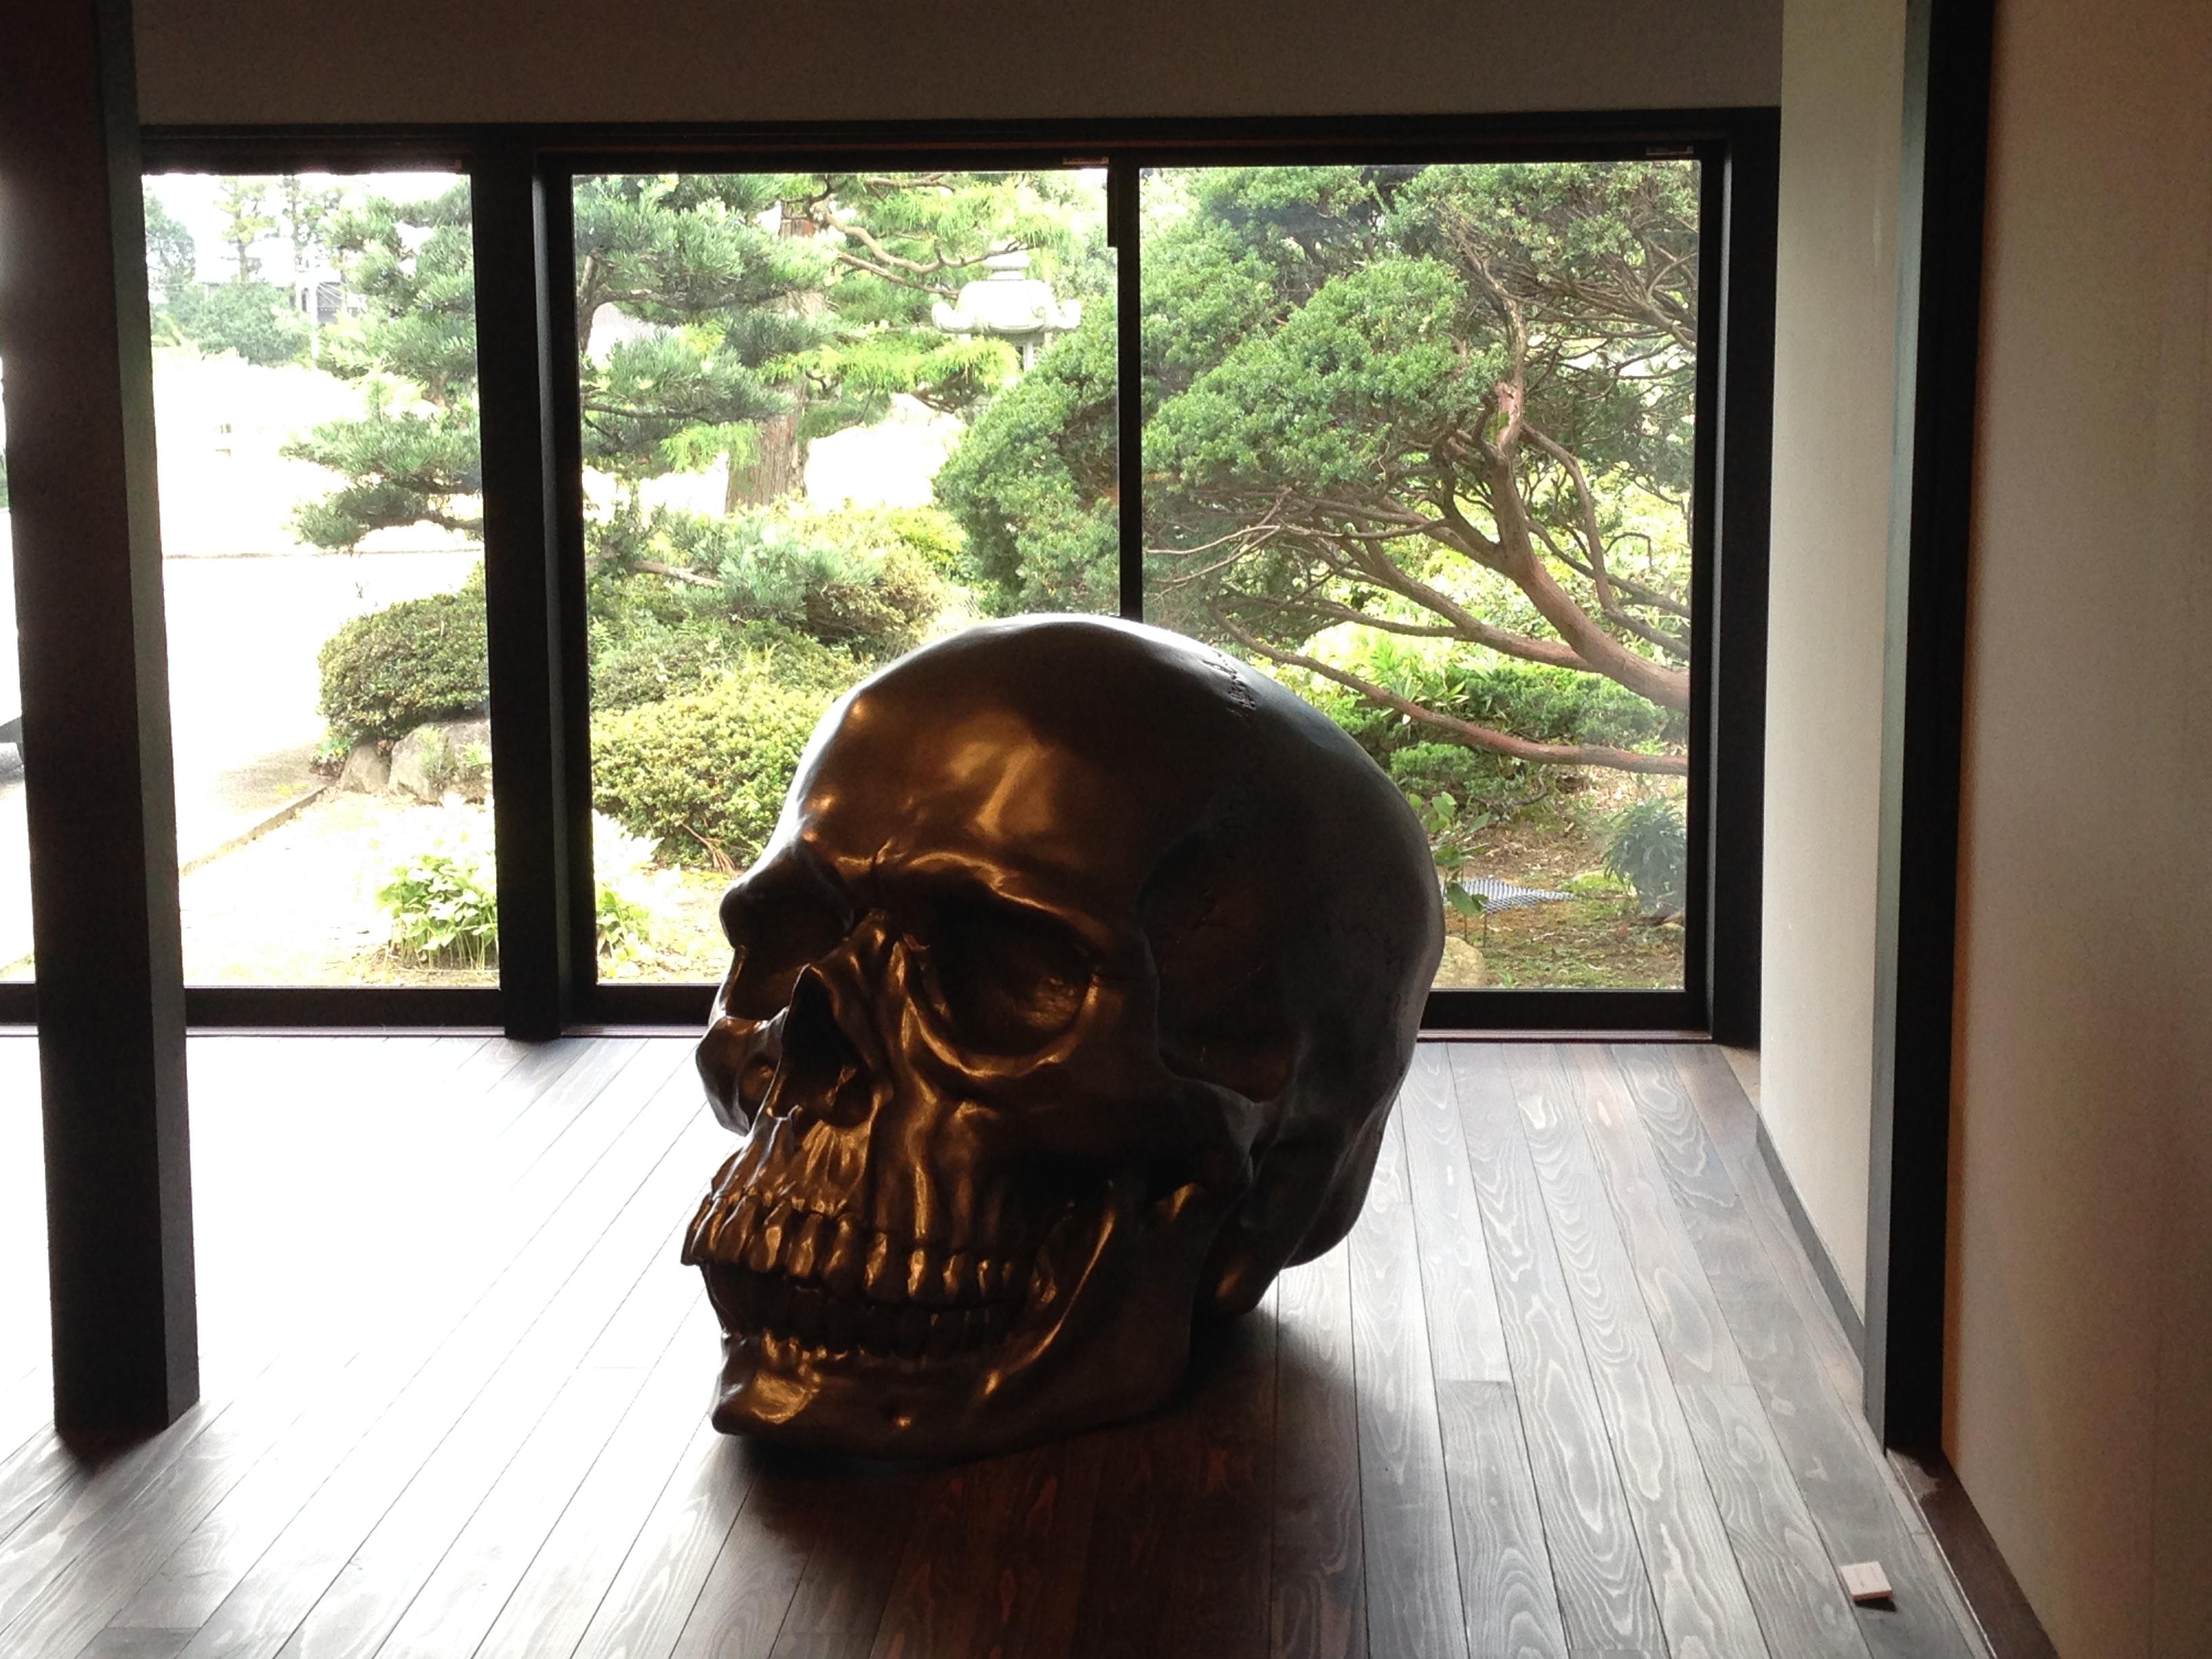 http://studio-hot777.com/blog/IMG_4851.JPG